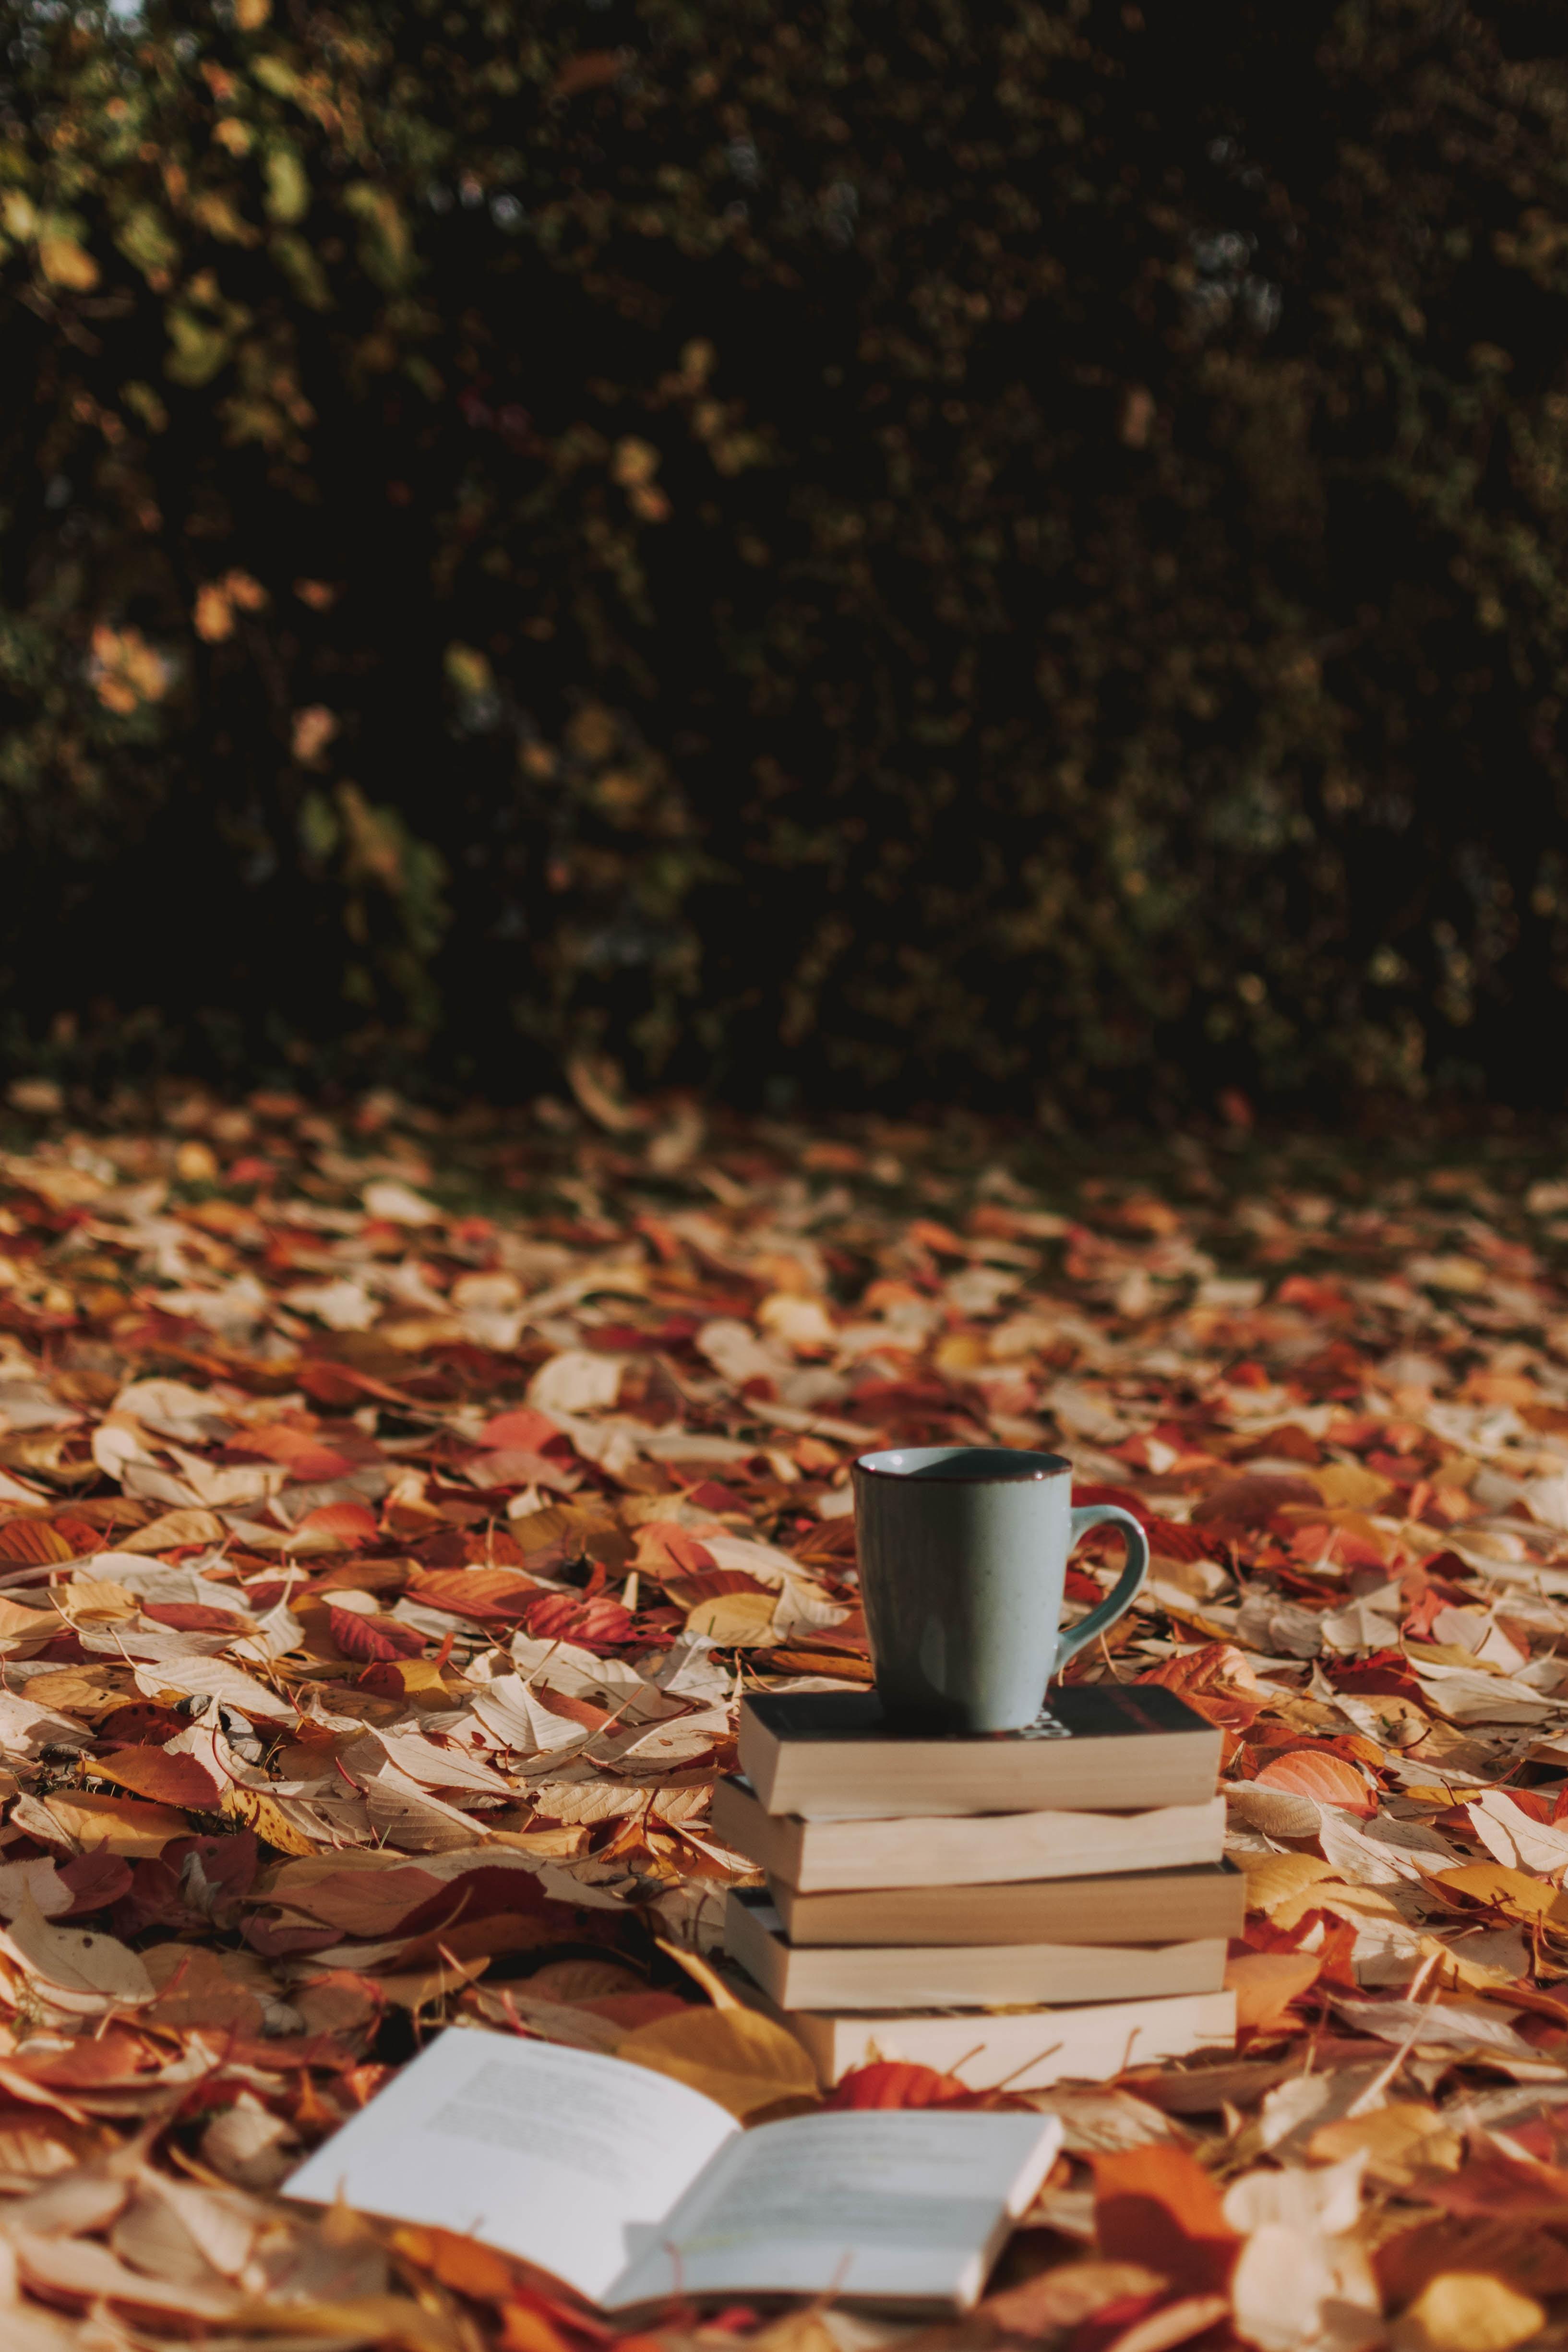 105431 Hintergrundbild herunterladen Herbst, Bücher, Verschiedenes, Sonstige, Tasse, Laub, Becher - Bildschirmschoner und Bilder kostenlos